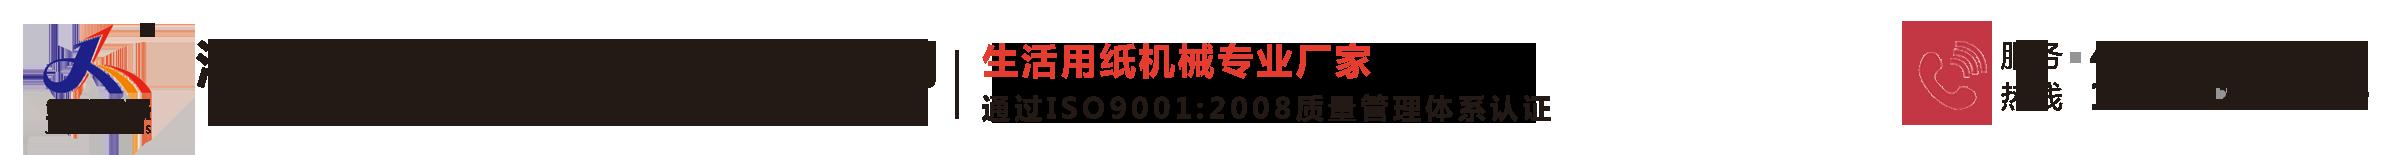 河南金旭纸制品机械有限澳门正规赌博官方网址